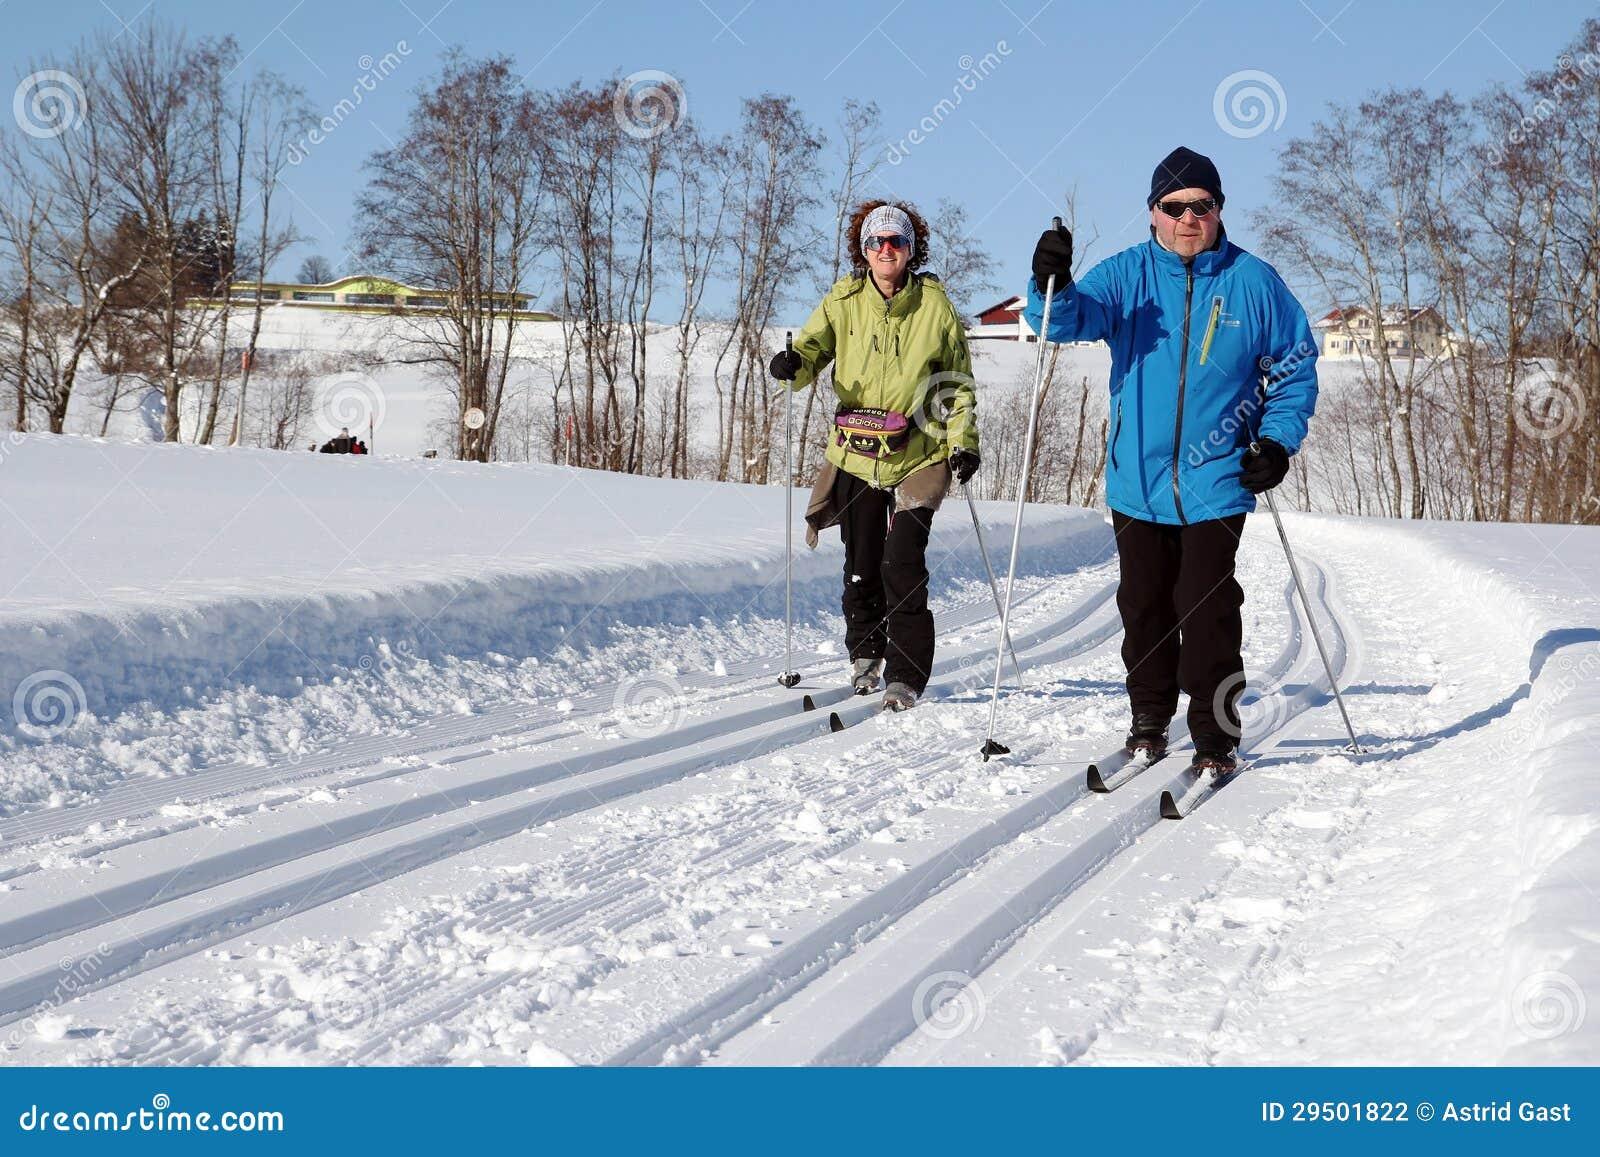 Вездеходное катание на лыжах